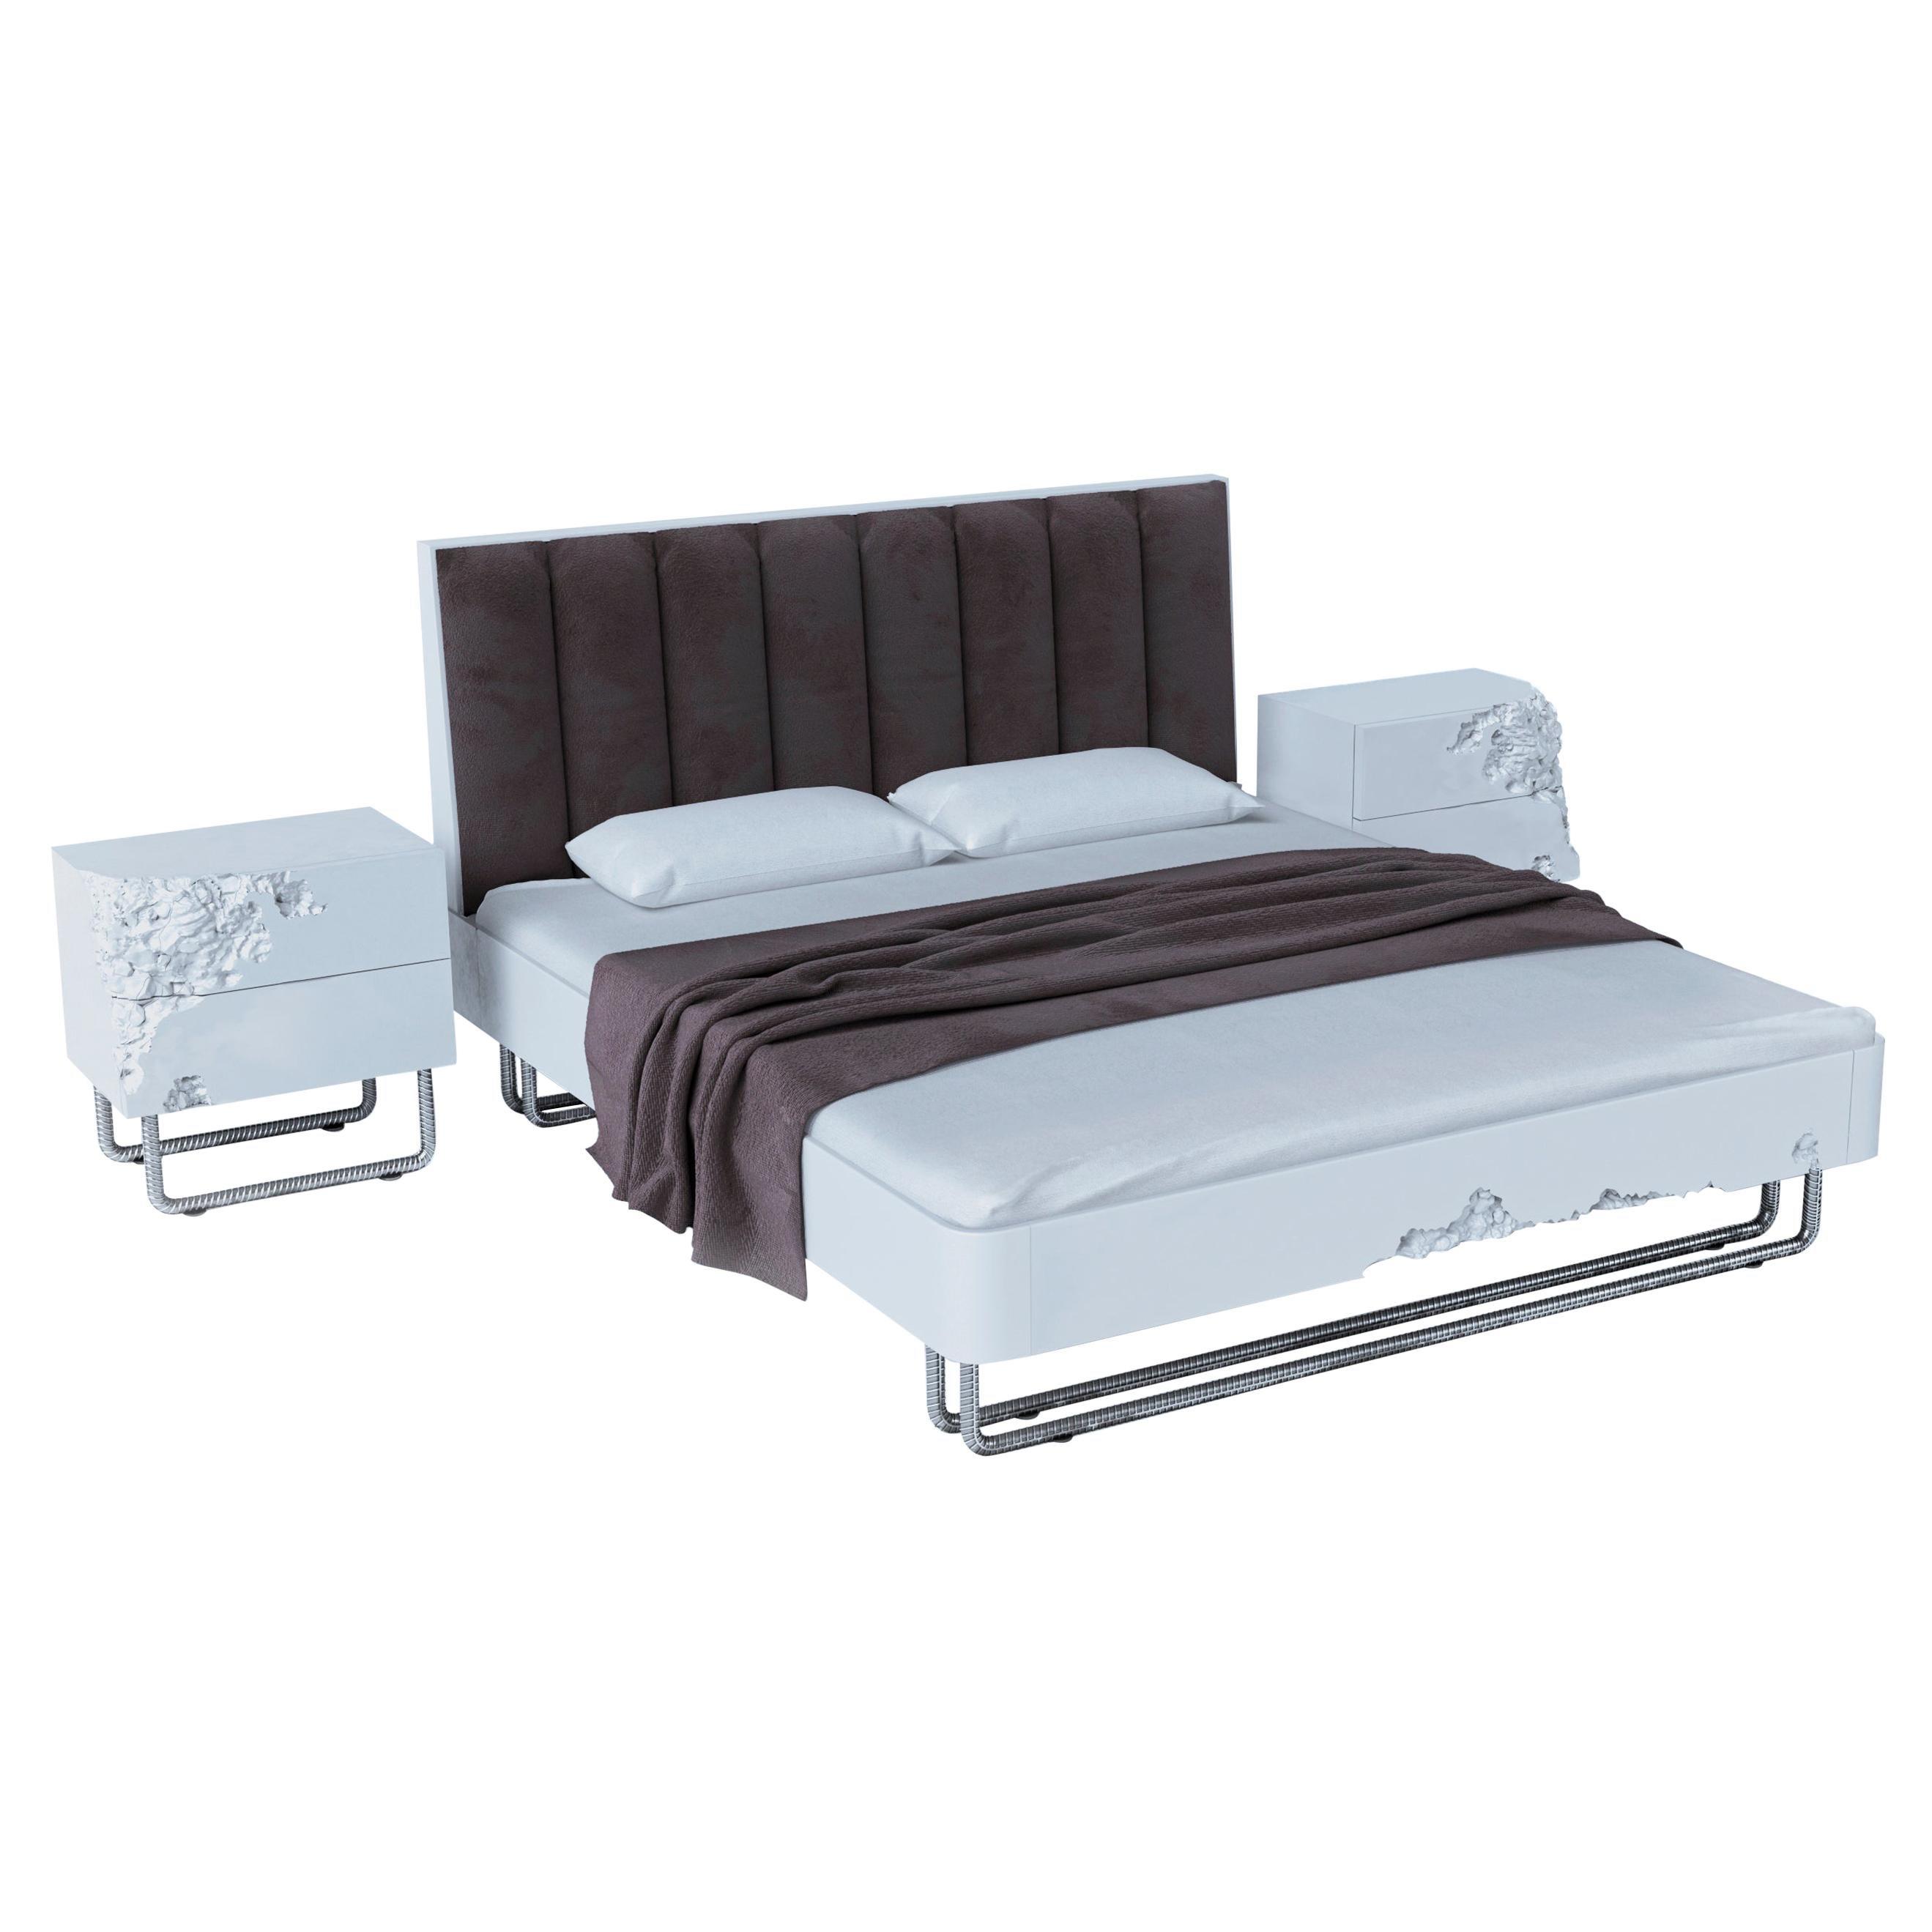 Amazing Wooden Bedroom Set 'bed + 2 bedside tables'